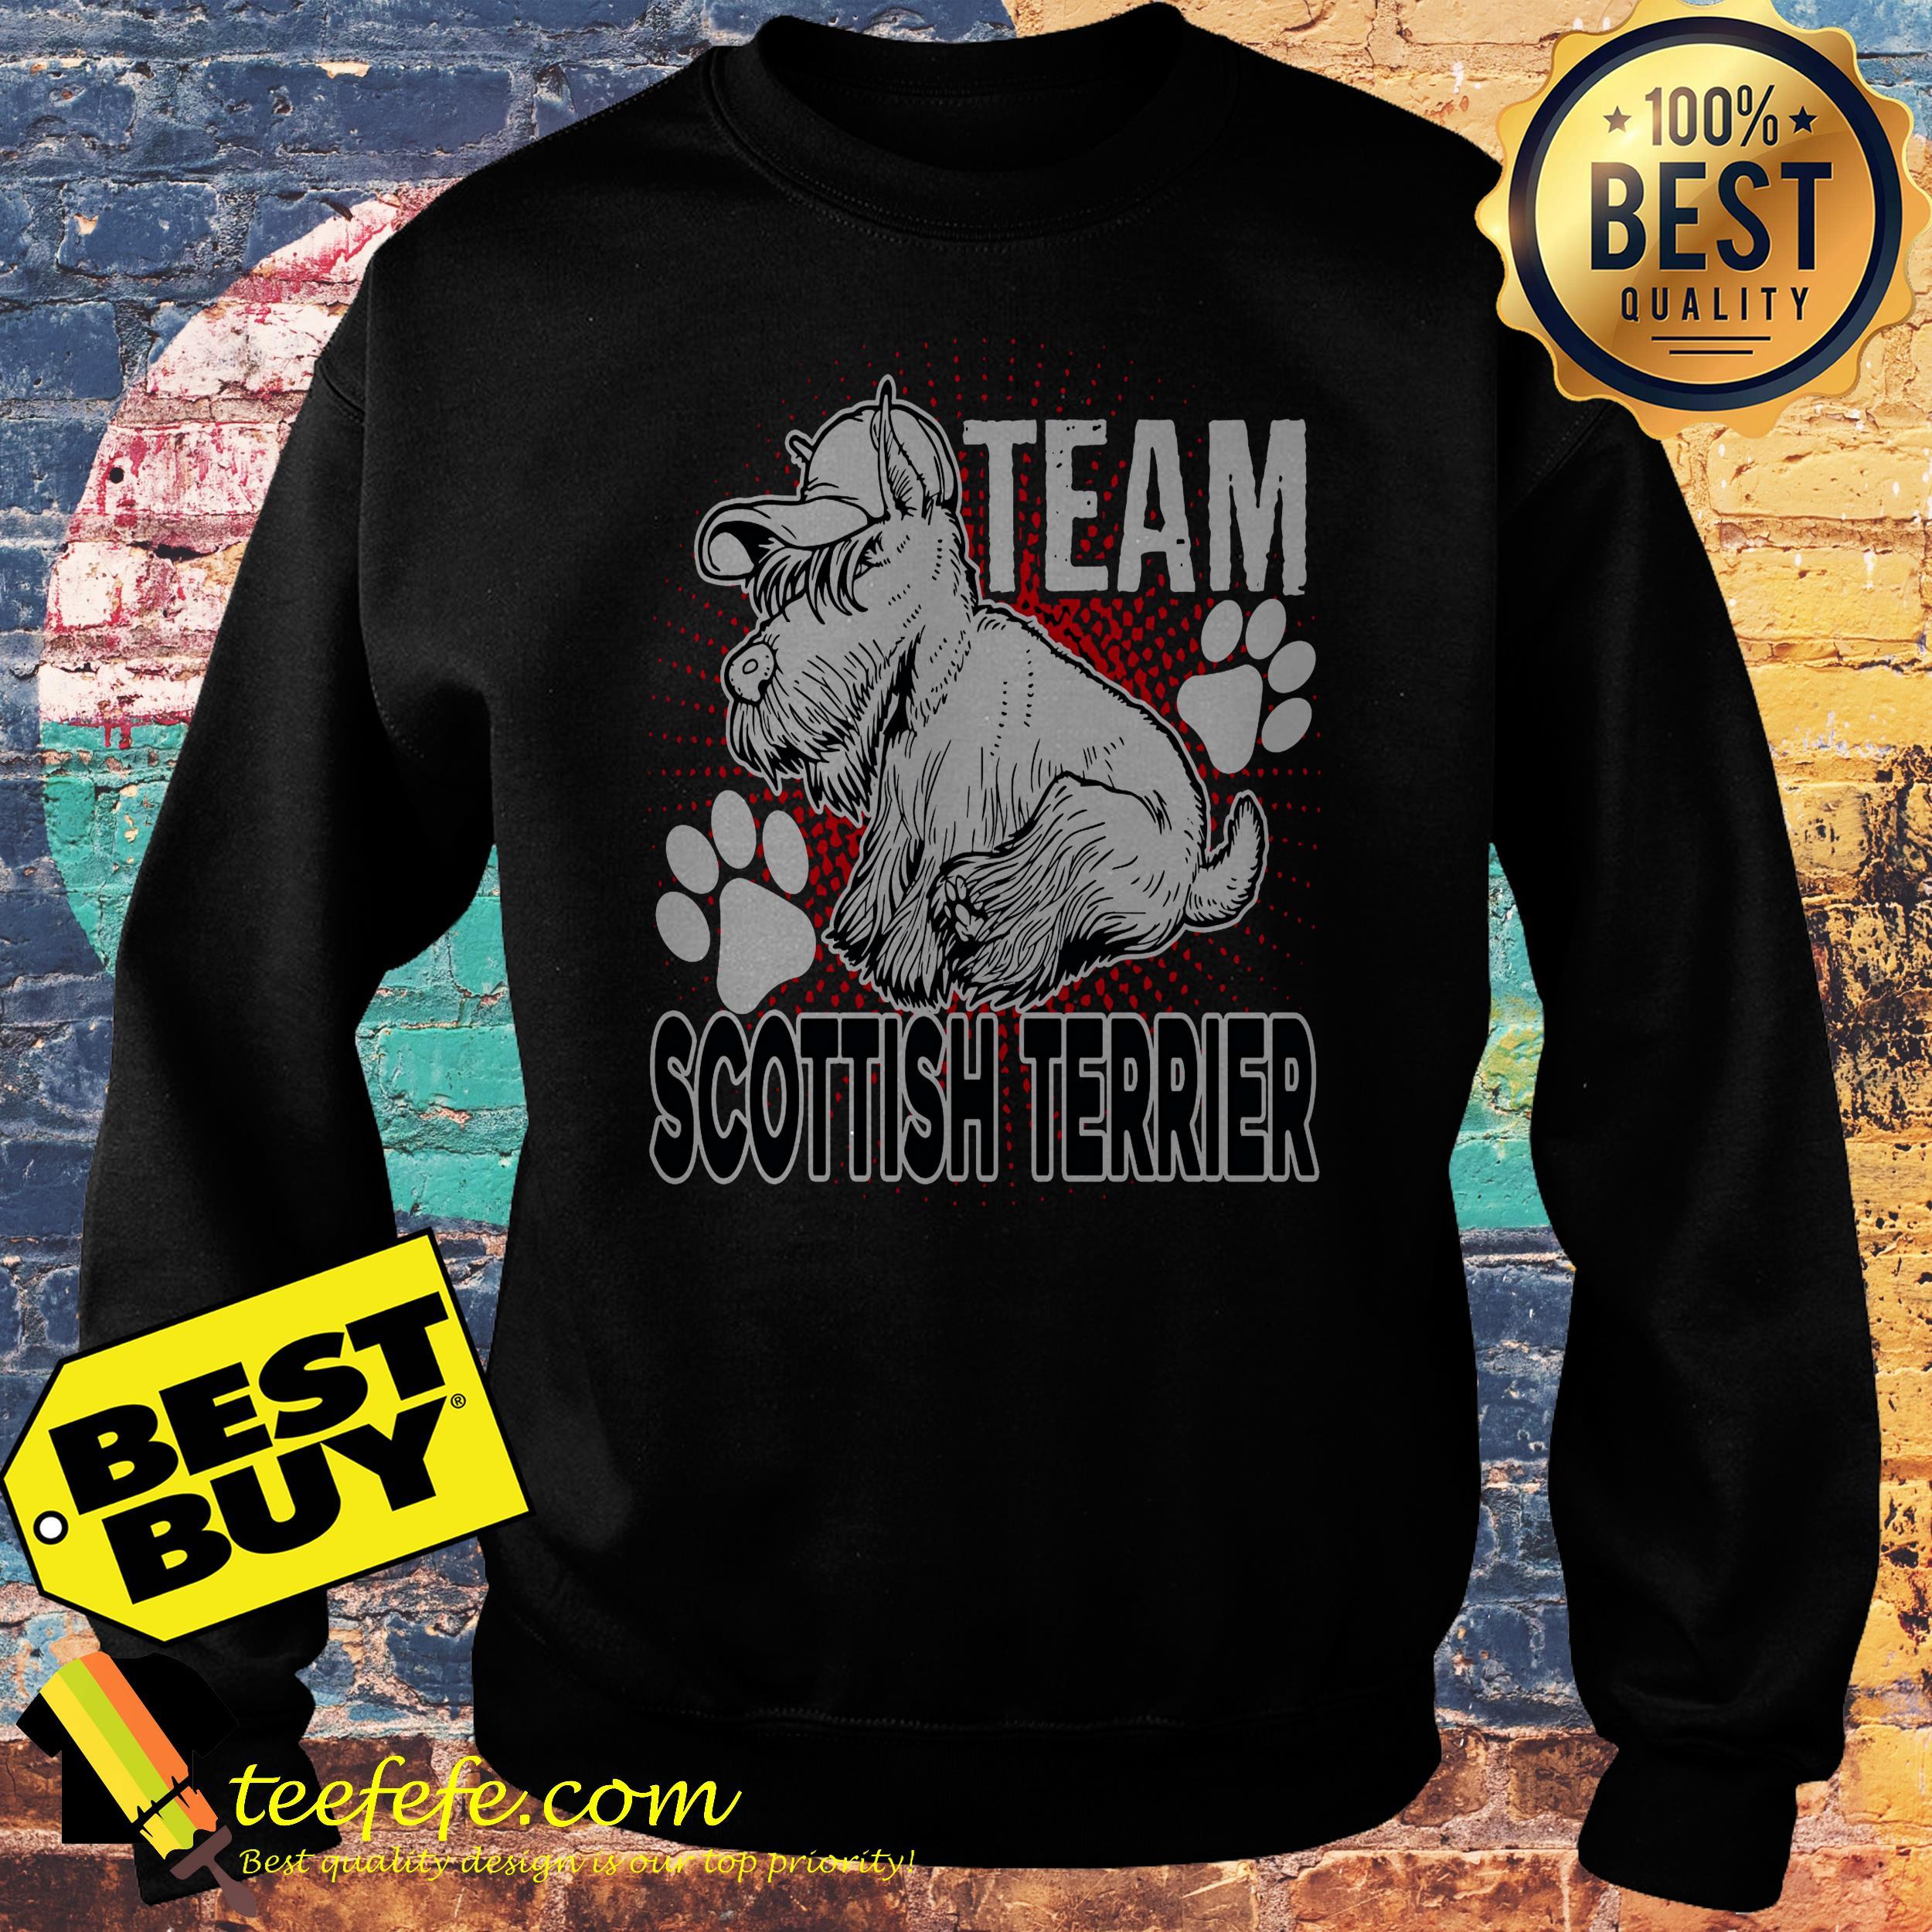 Team Scottish Terrier sweatshirt